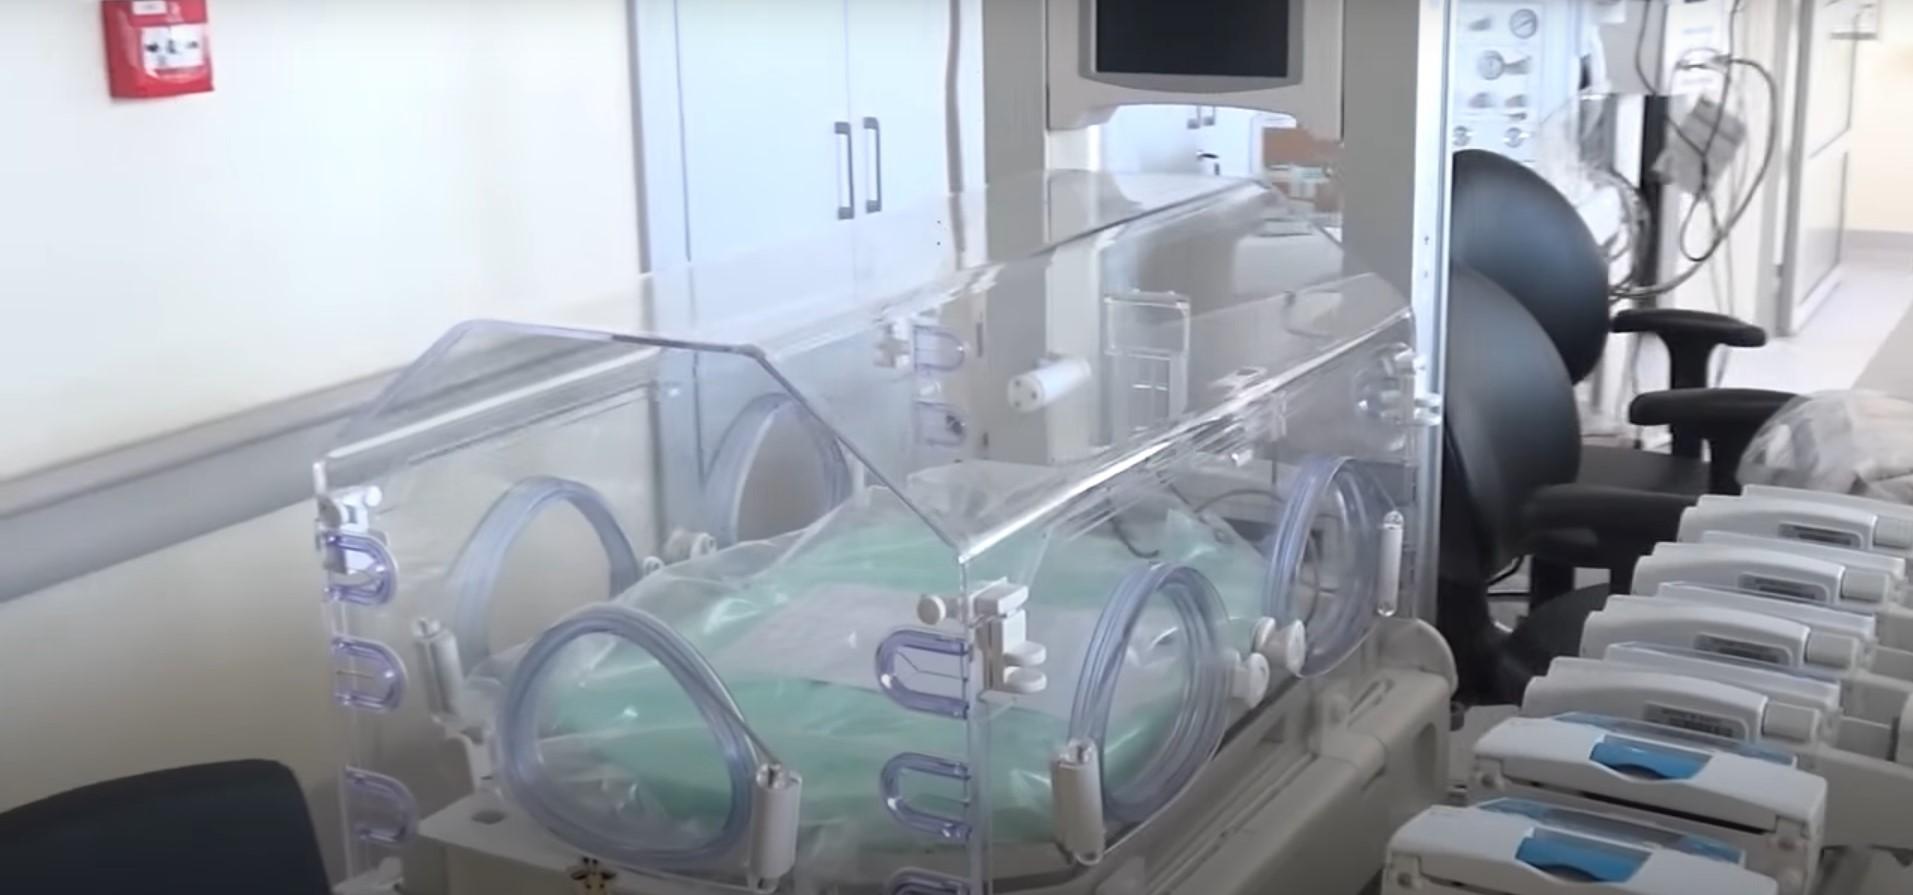 Dwa oddziały szpitala ponownie otwarte. Przebadani okazali się zdrowi